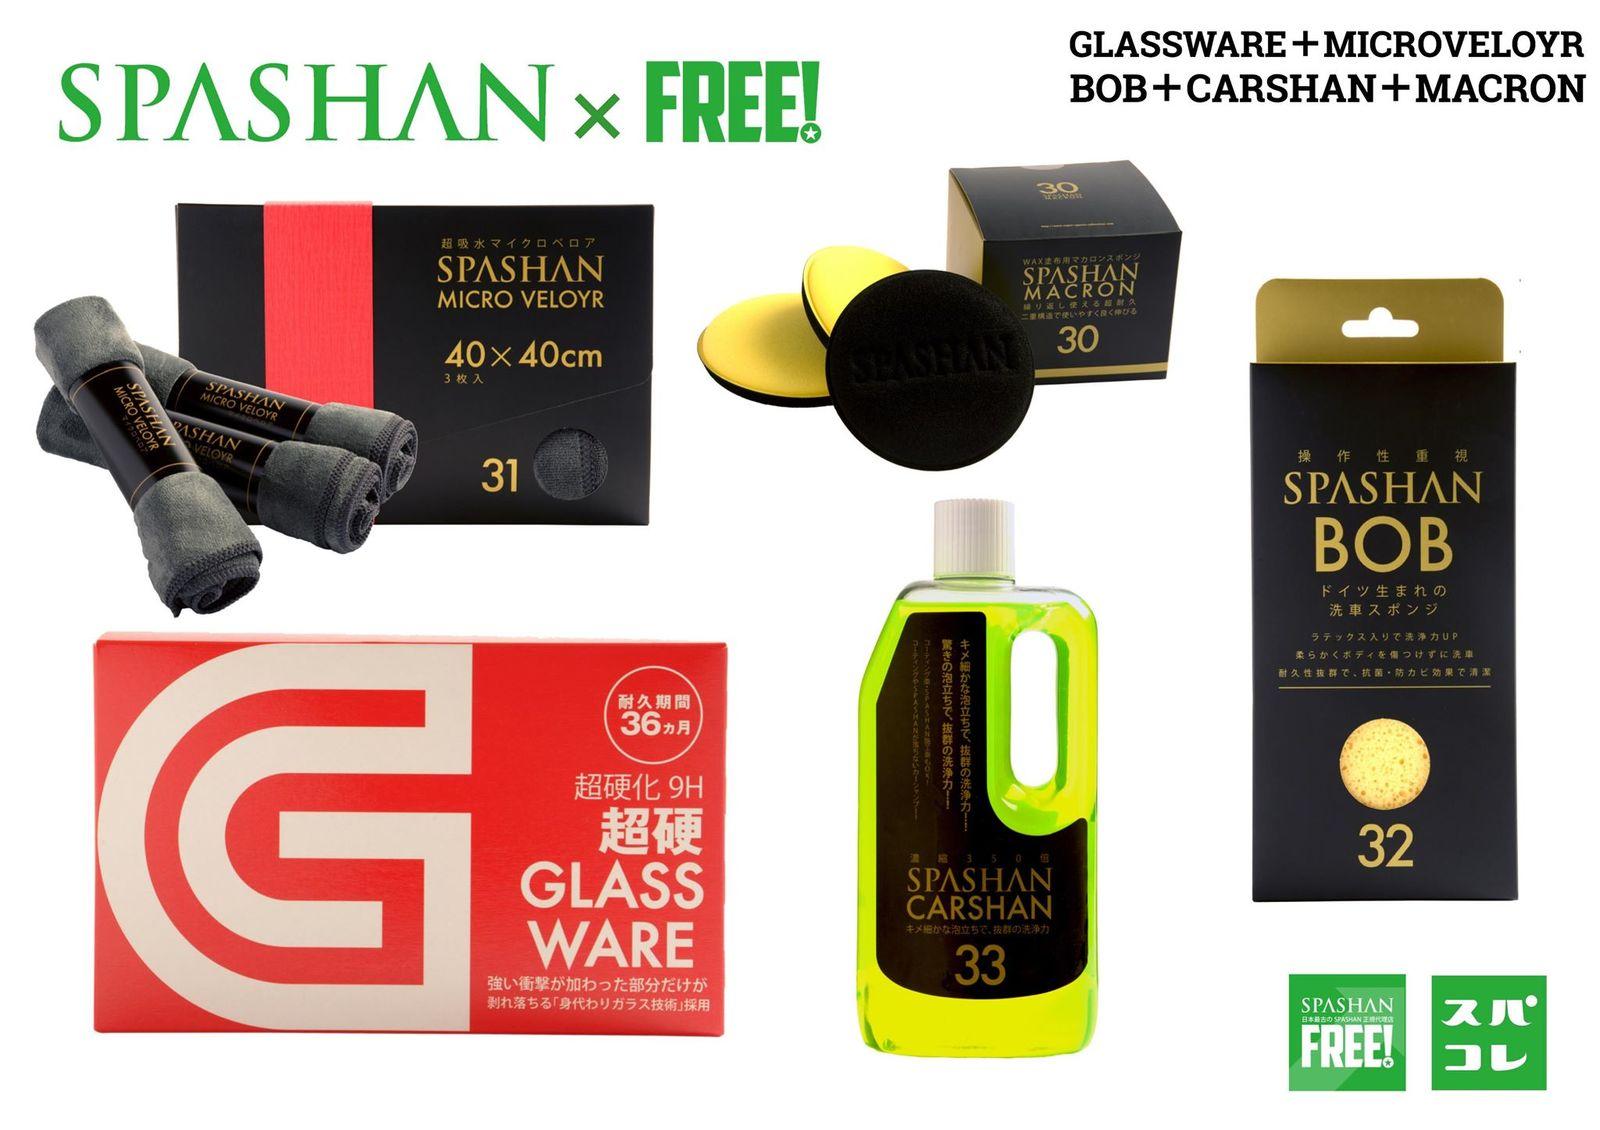 グラスウェア 9H & ボブ & マイクロベロア & カーシャン & マカロン SPASHAN スパシャン 洗車 カーケア コーティング剤 スパシャン2019 GLASSWARE